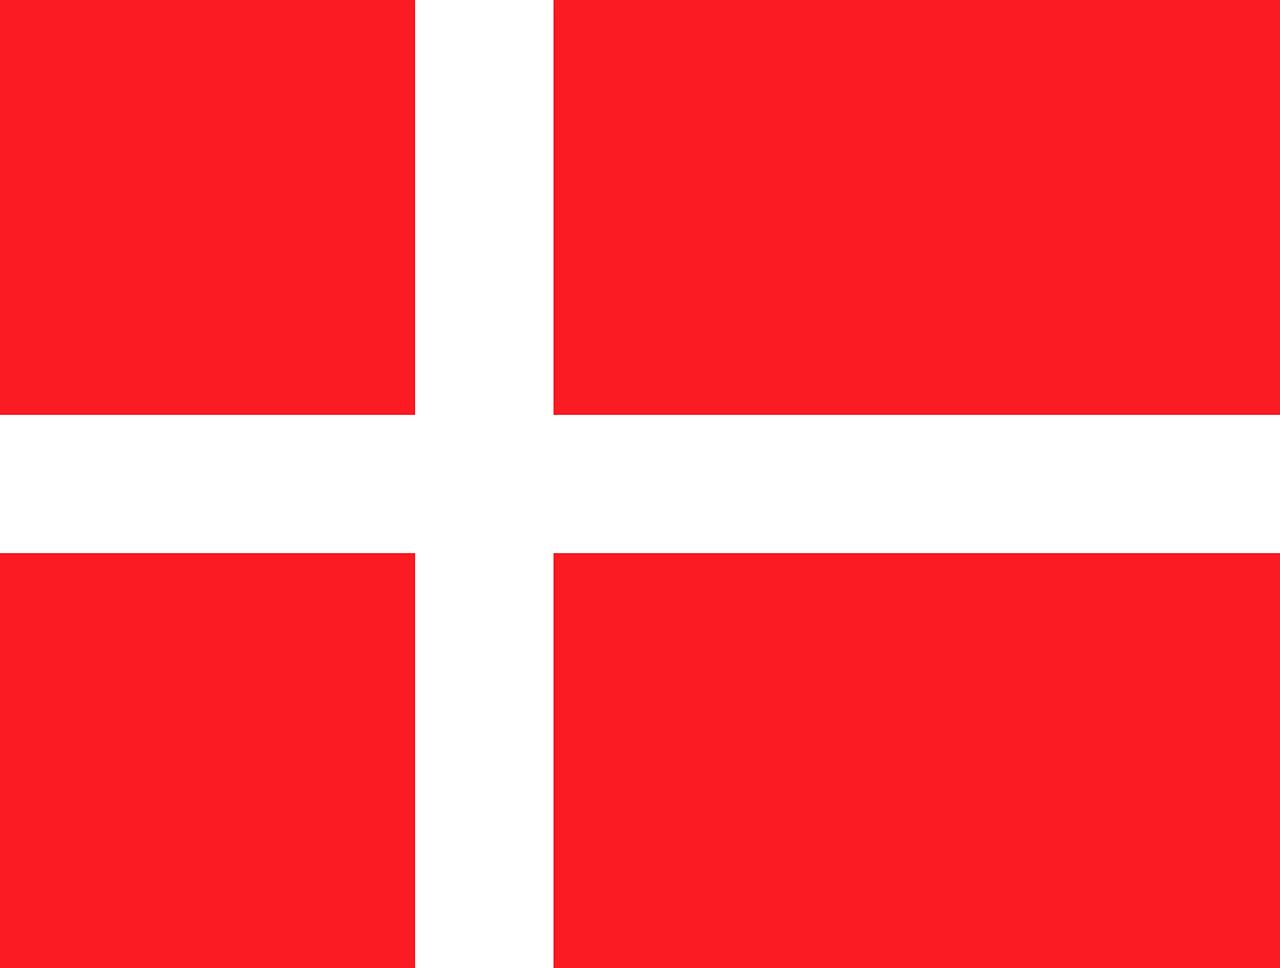 O czym musisz pamiętać wyjeżdżając do Danii